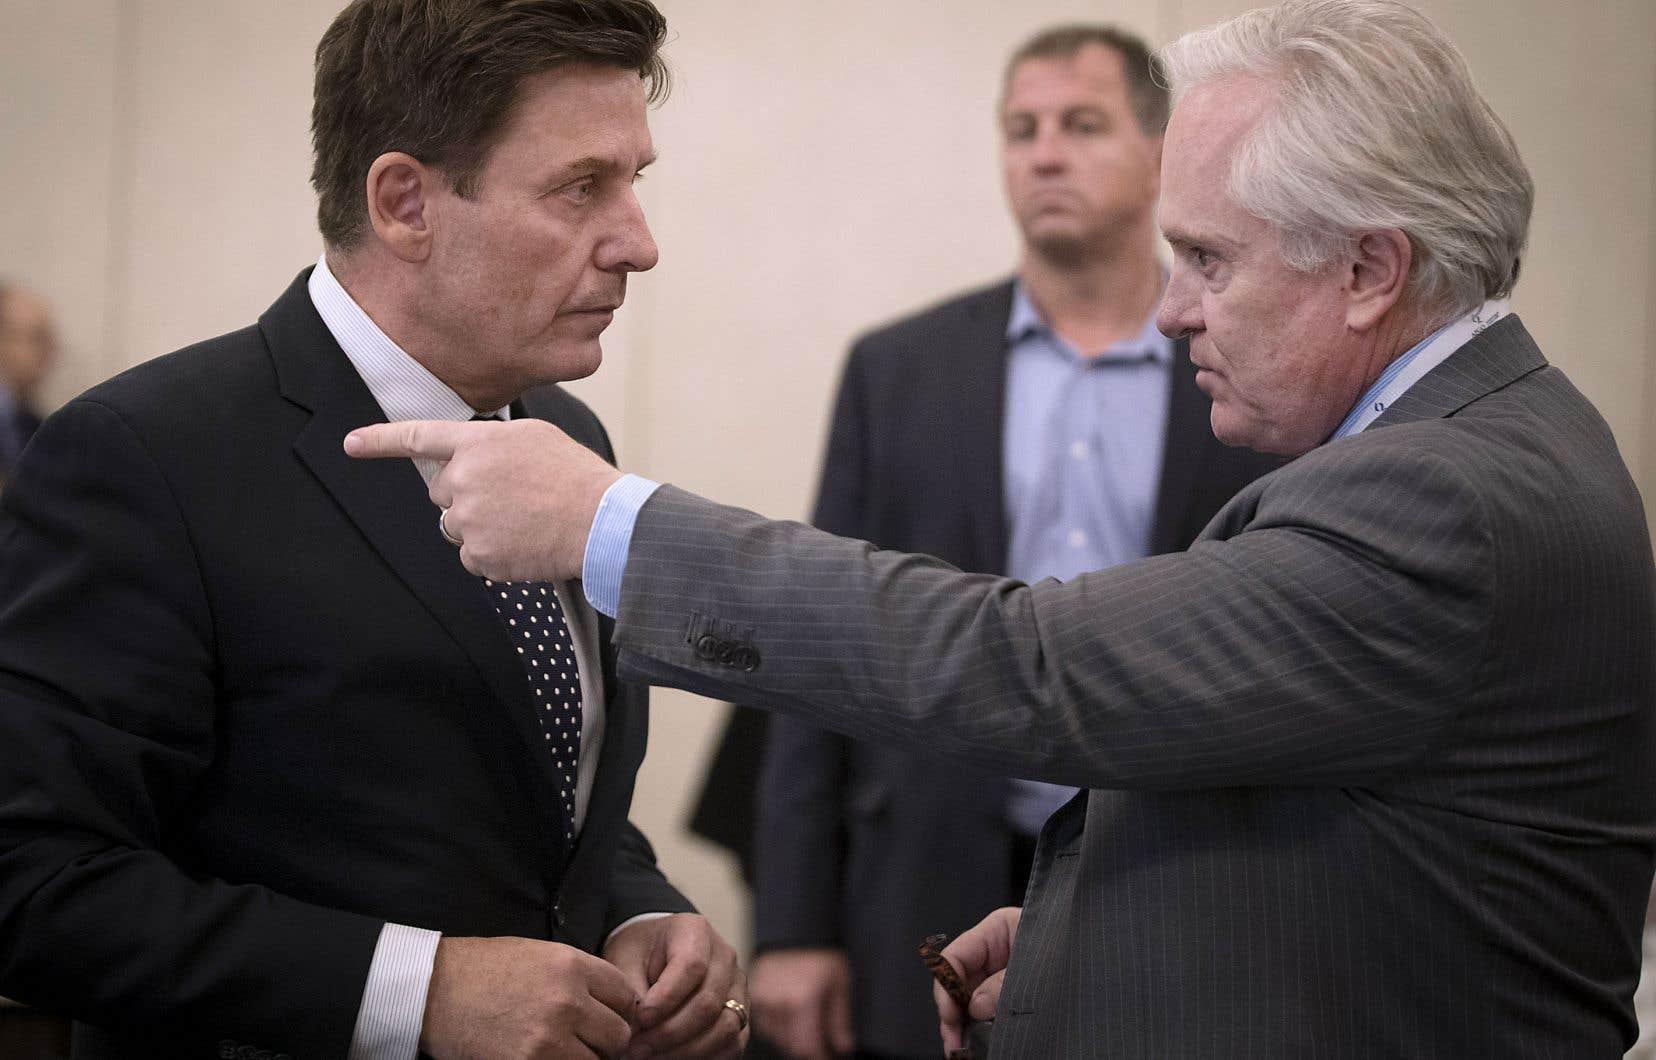 Le ministre de l'Énergie et des Ressources naturelles, Pierre Moreau, discute avec le président de l'Association pétrolière et gazière du Québec, Michael Binnion, également président de l'entreprise Questerre.